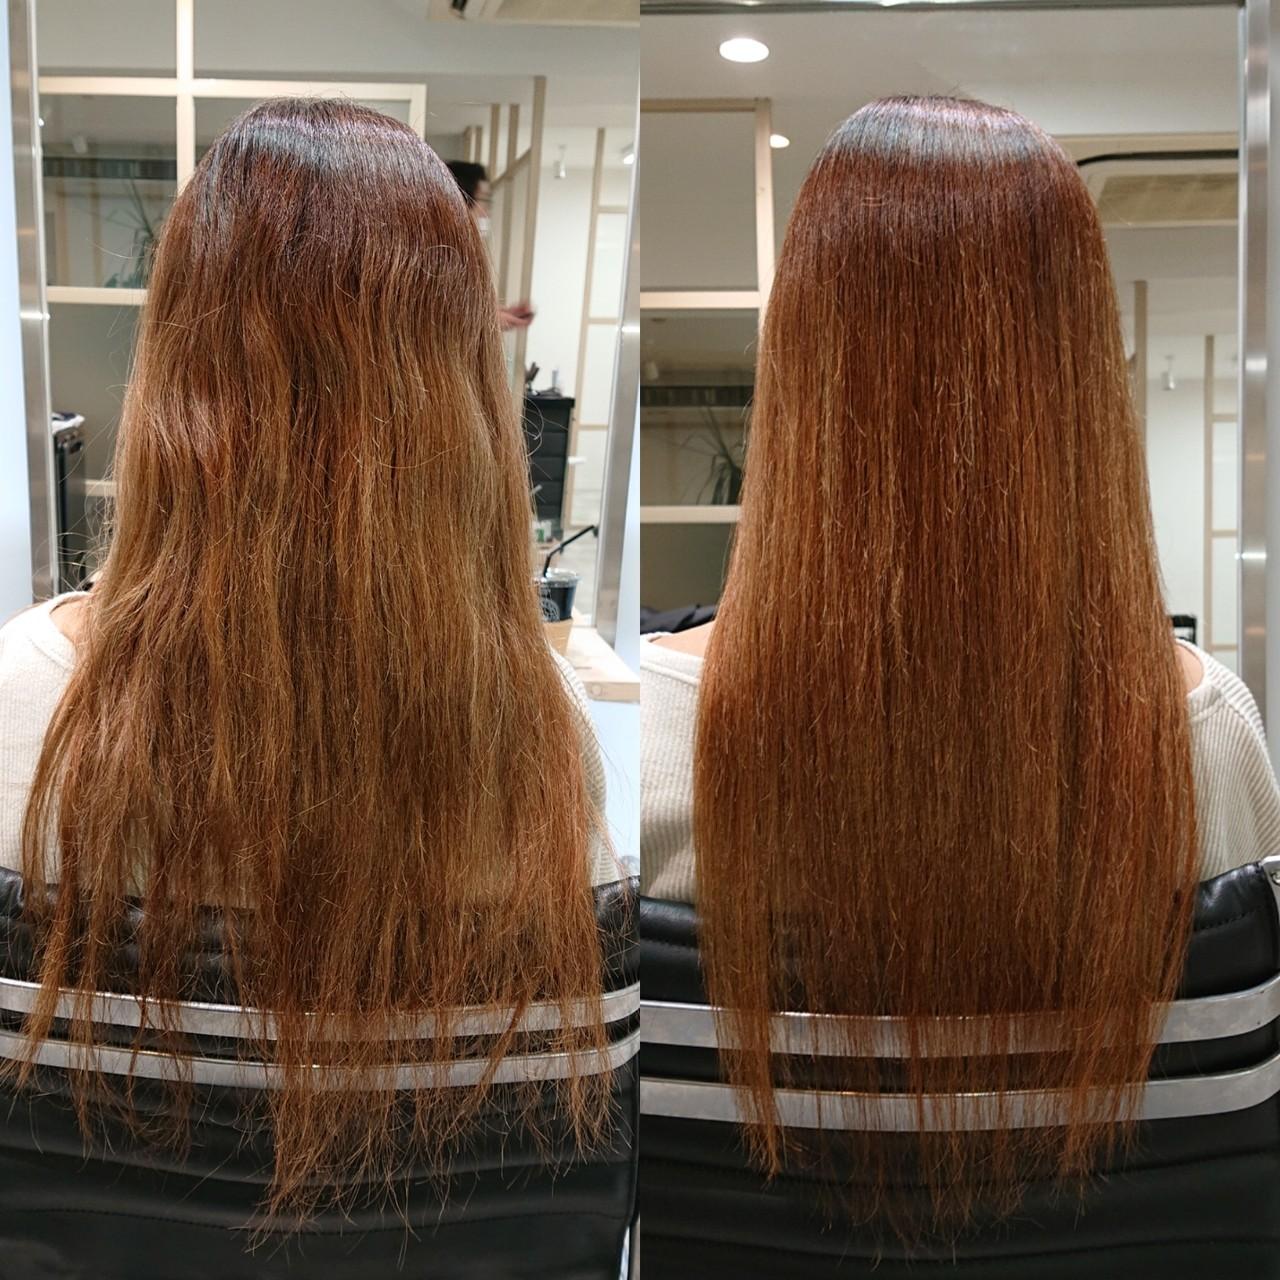 ナチュラル 美髪 ロング 縮毛矯正ヘアスタイルや髪型の写真・画像